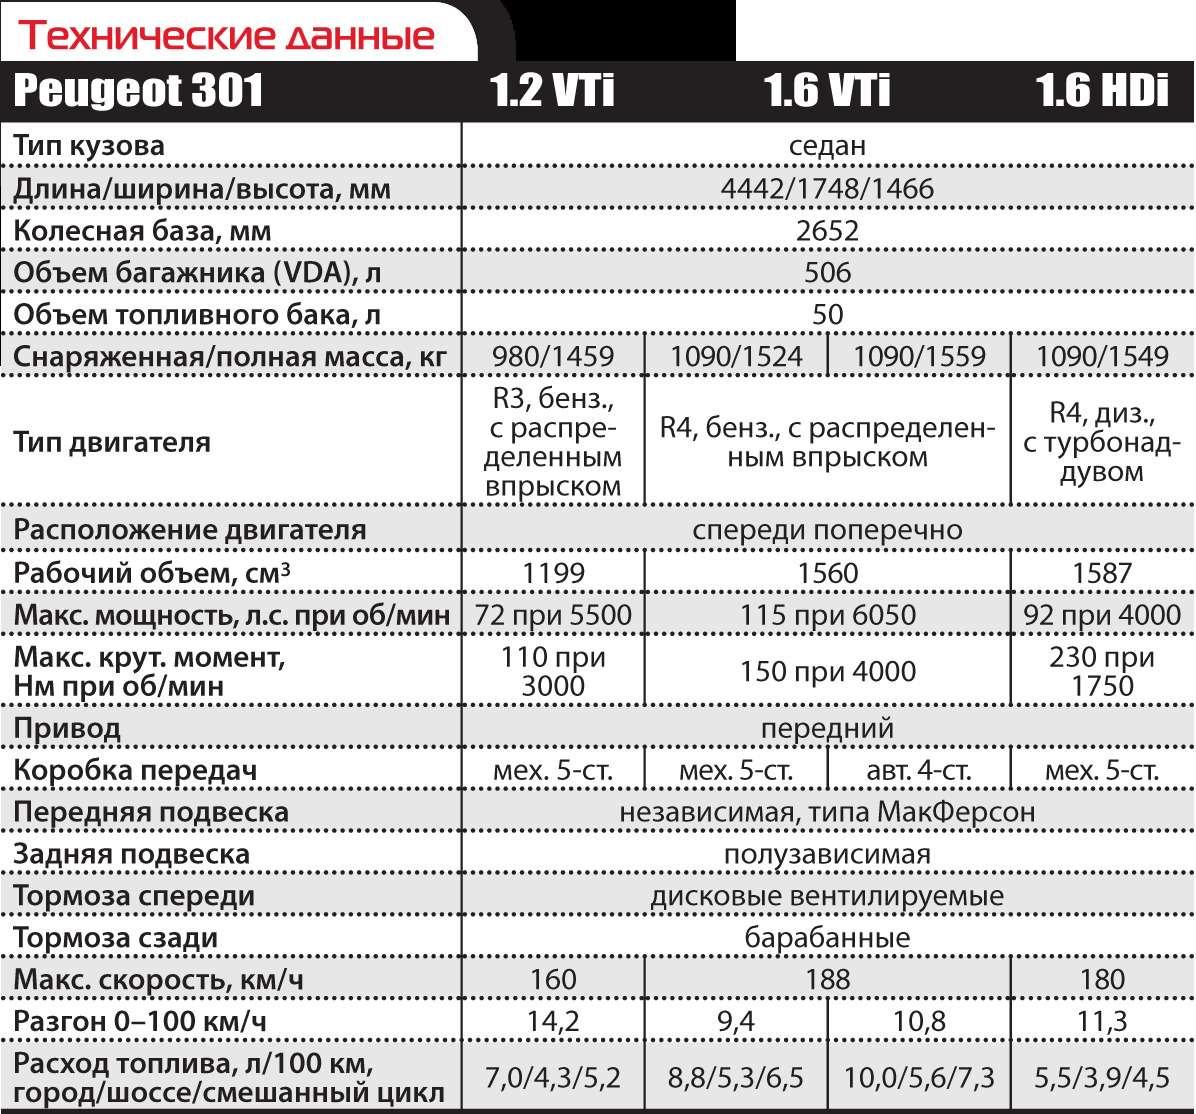 201301171208no copyright 2